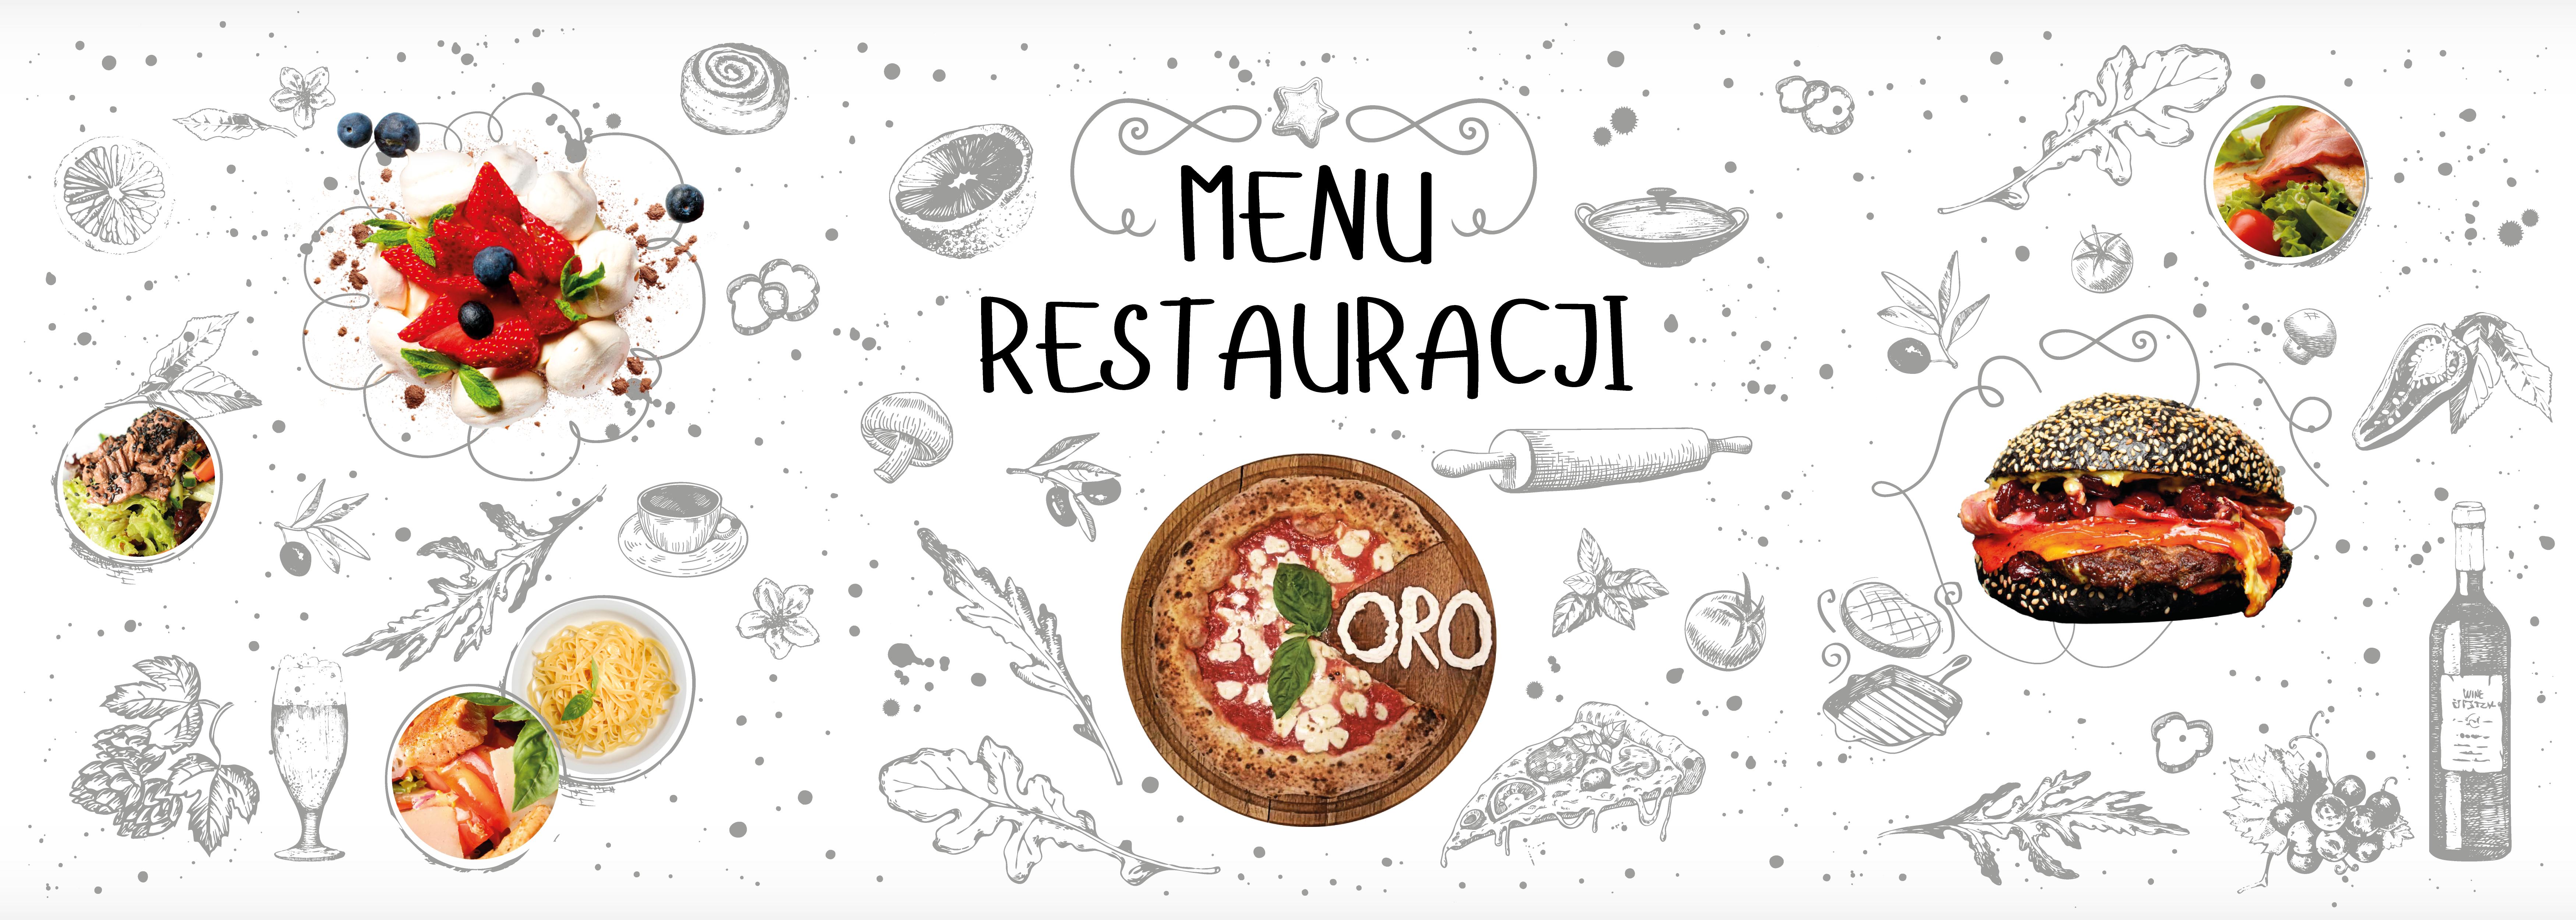 ORO menu top